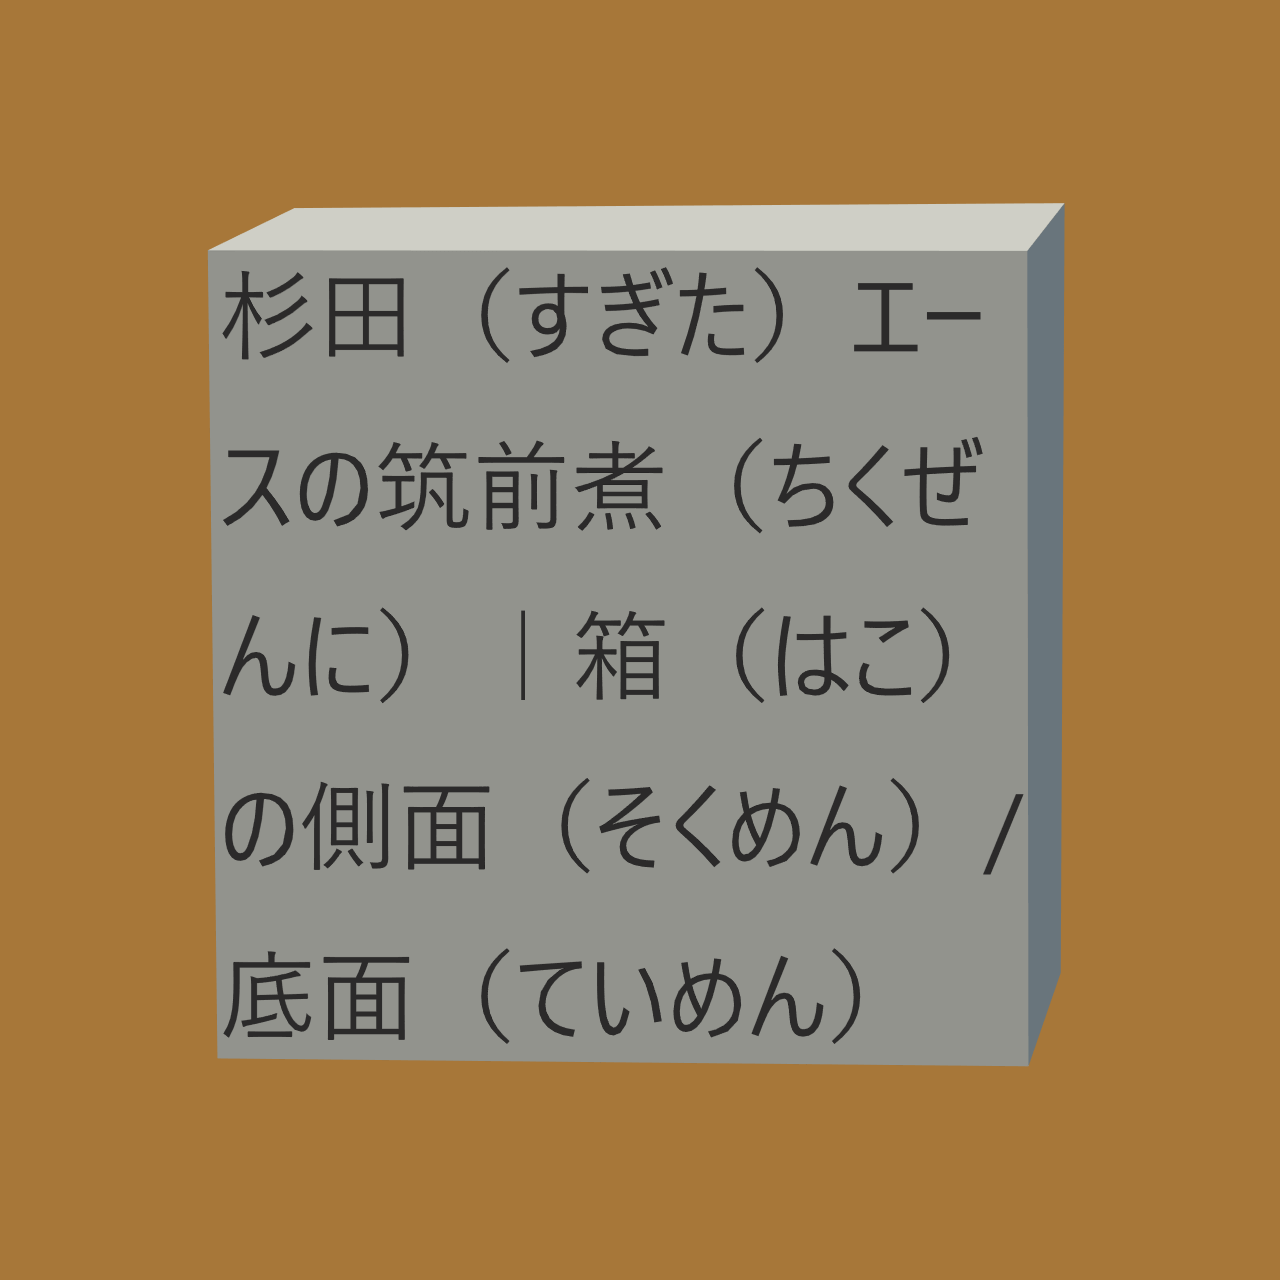 杉田(すぎた)エース株式会社(かぶしきがいしゃ)の筑前煮(ちくぜんに)や箱(はこ)の側面(そくめん)、底面(ていめん)やCAD(キャド)などにかかる画像(がぞう)